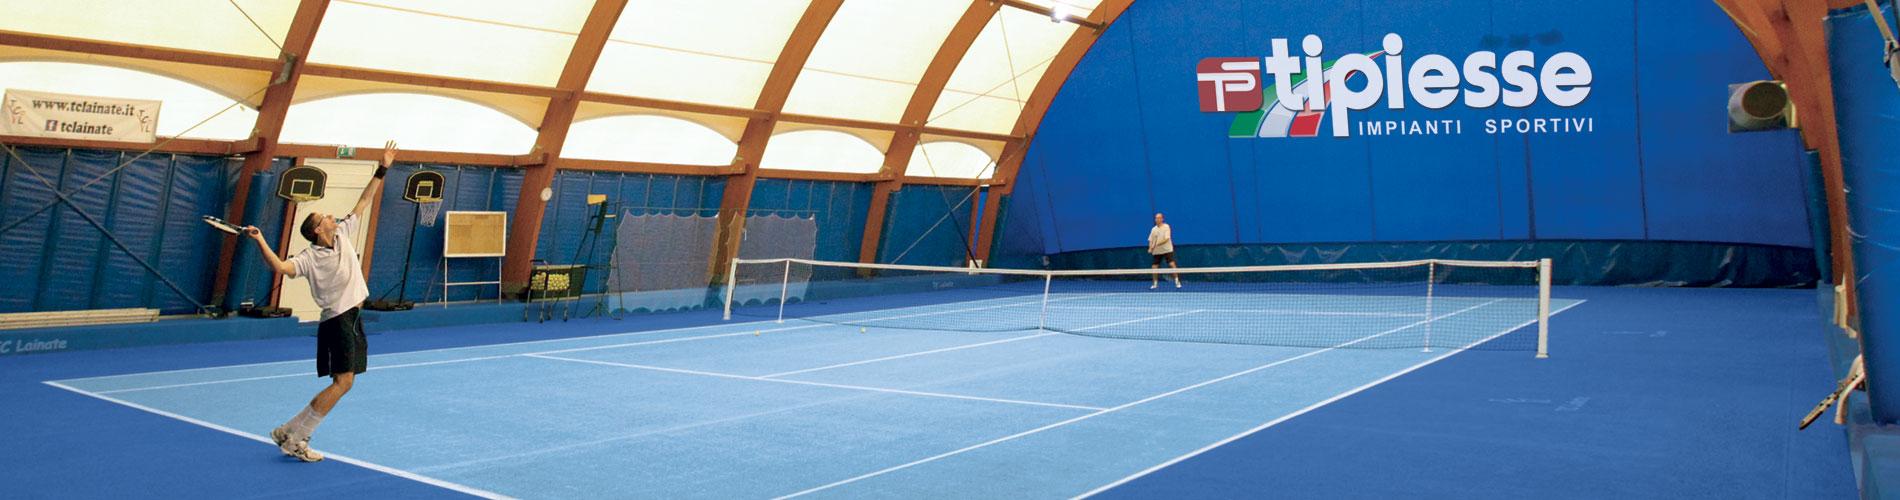 tipiesse-progettazione-e-realizzazione-di-resine-per-la-pavimentazione-sportiva-e-nella-realizzazione-di-impianti-sportivi-slide6